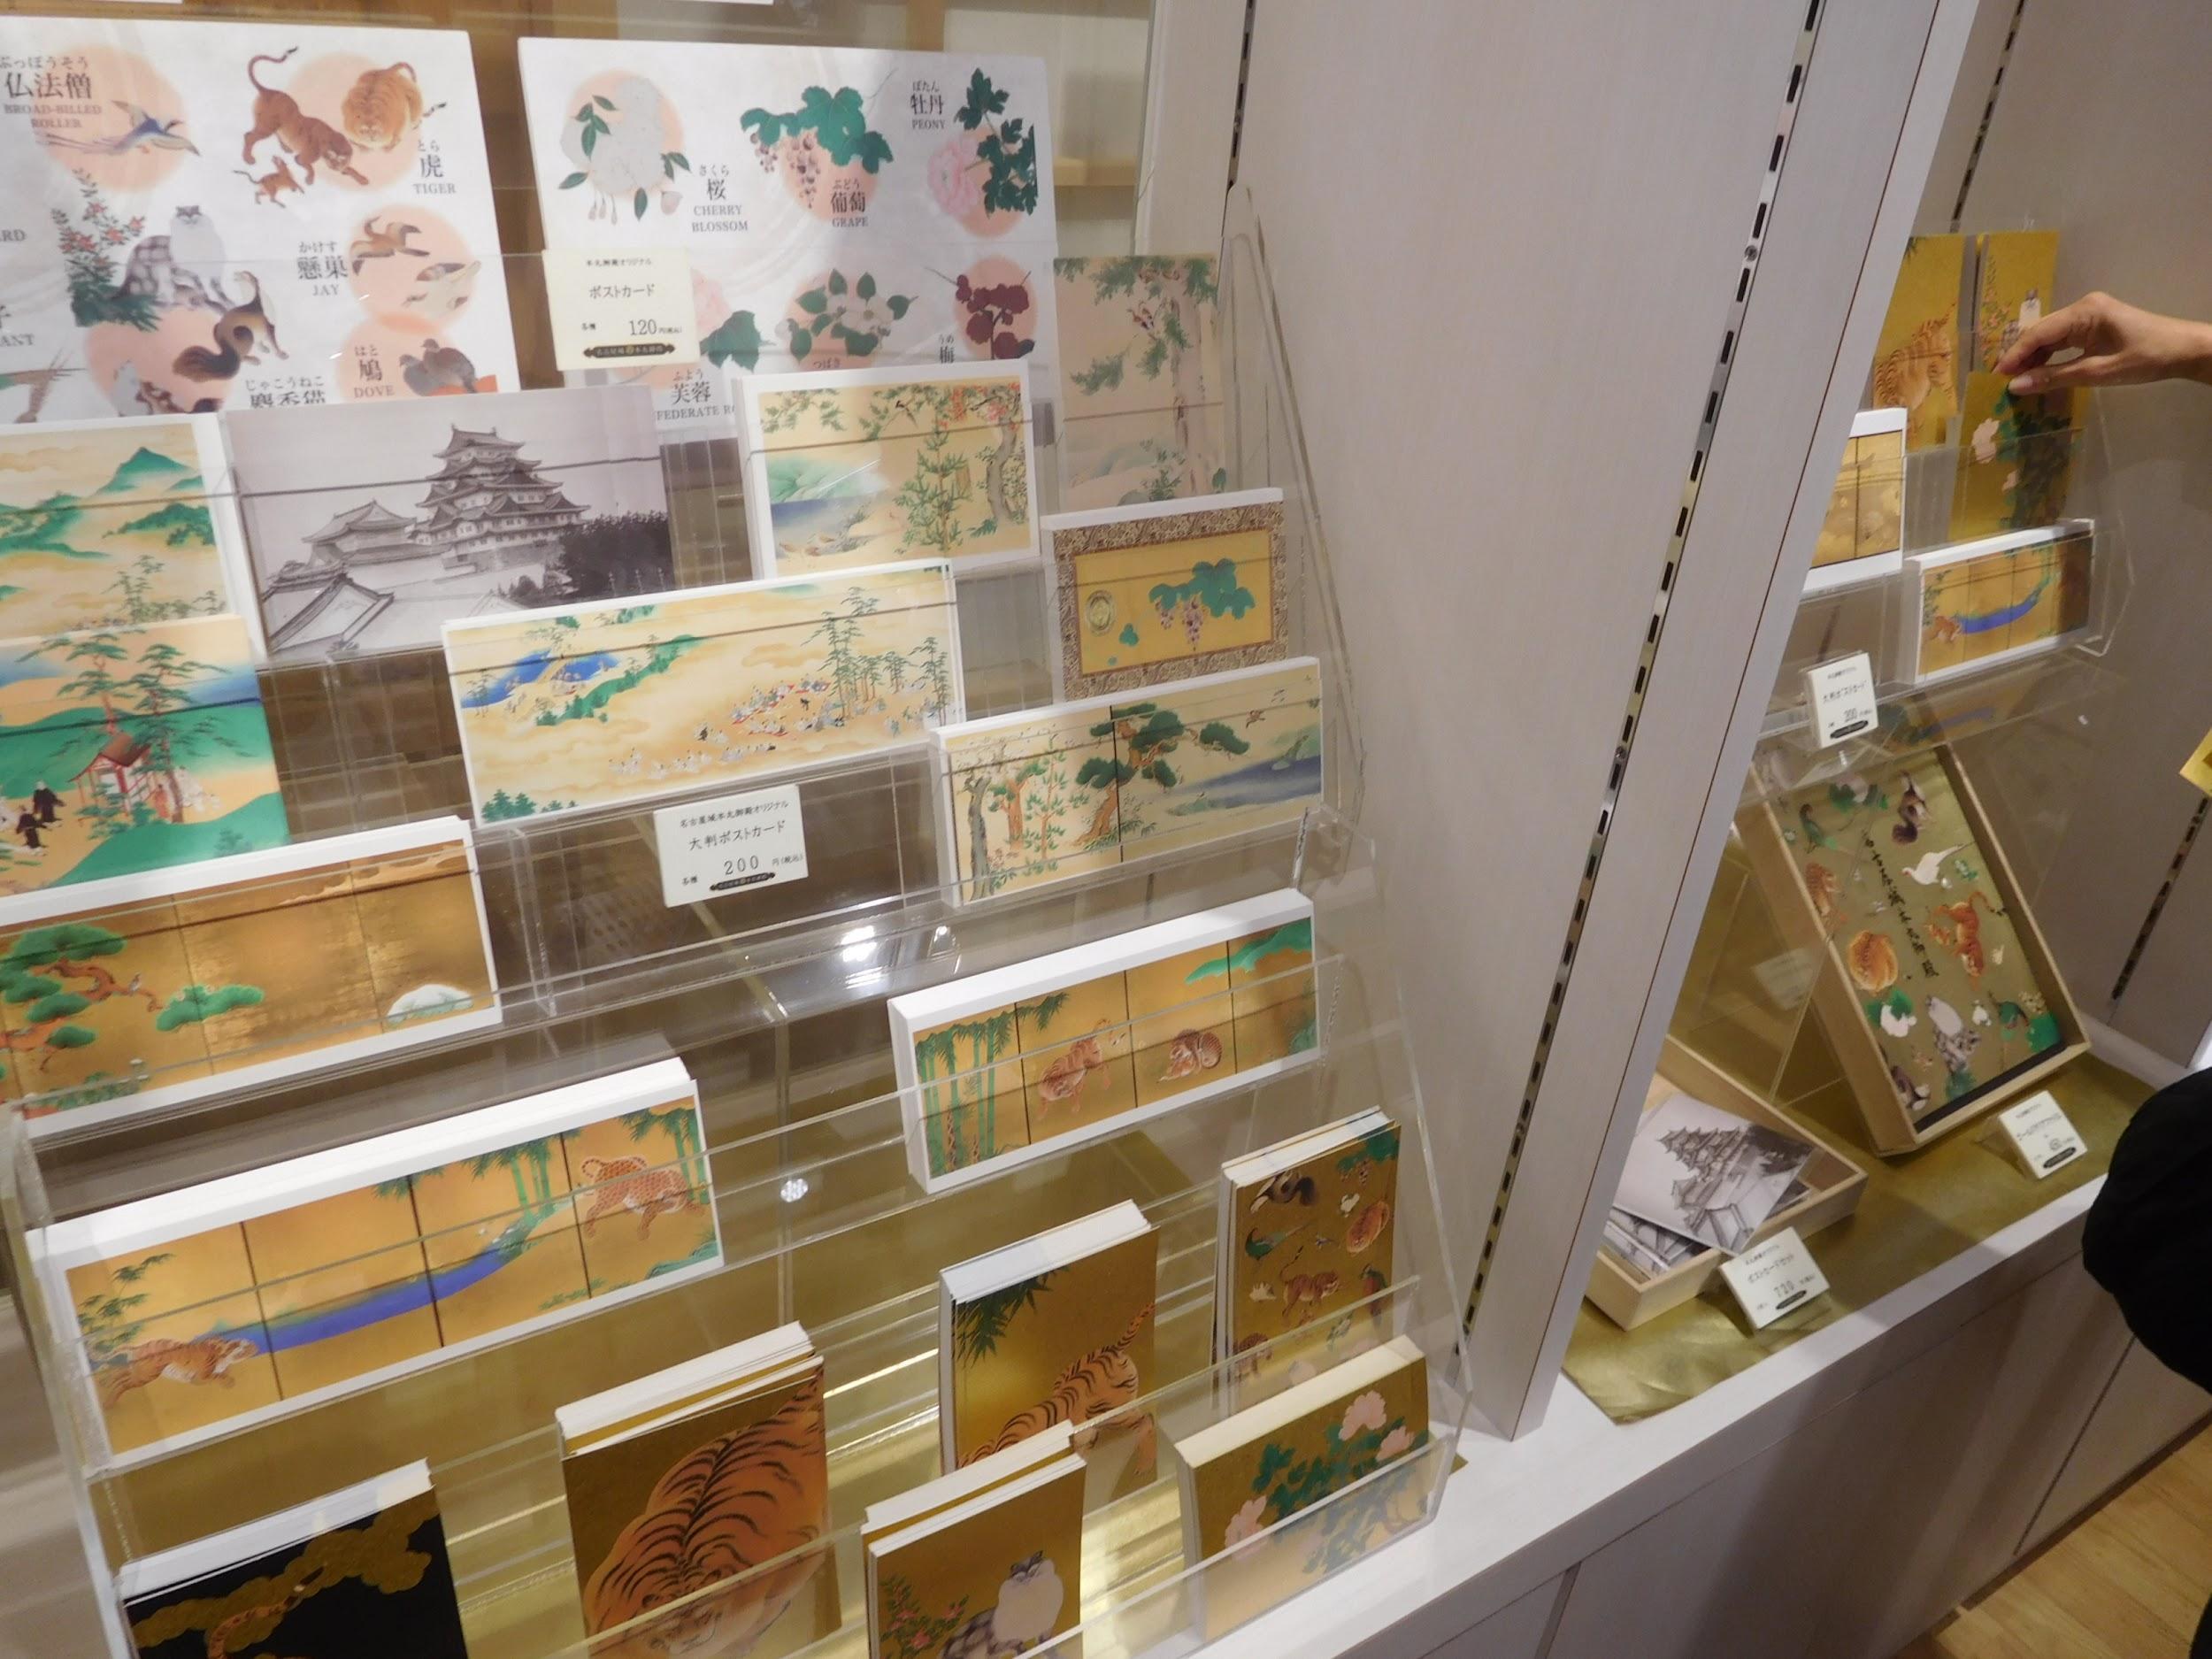 屏風・襖絵のポストカード